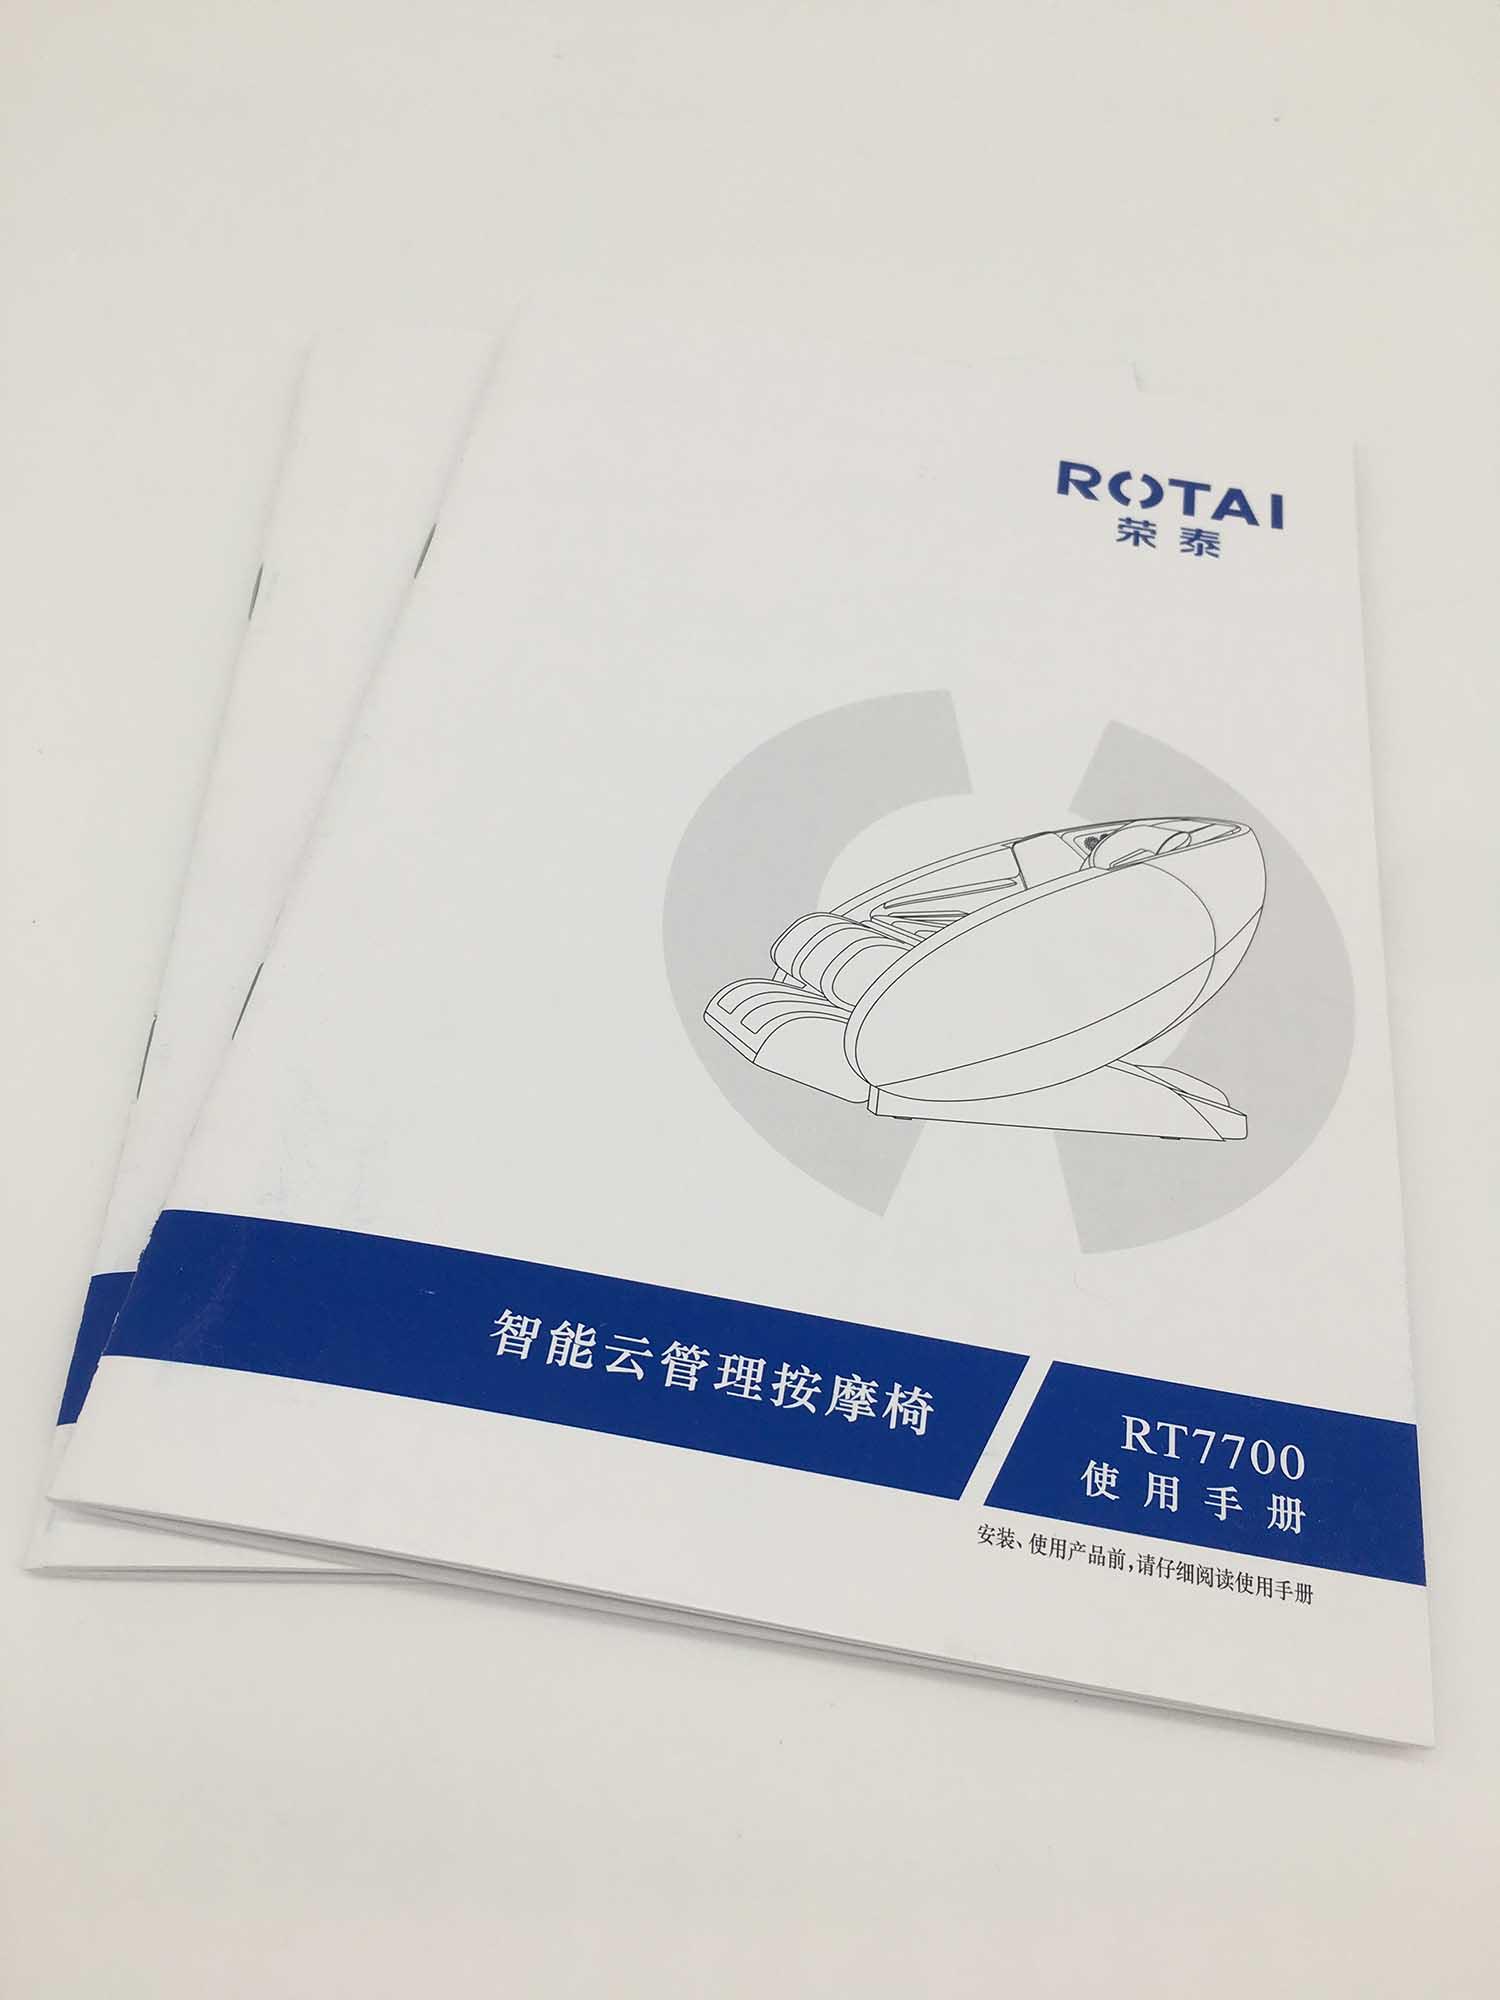 昌黎公司样本册印刷制作